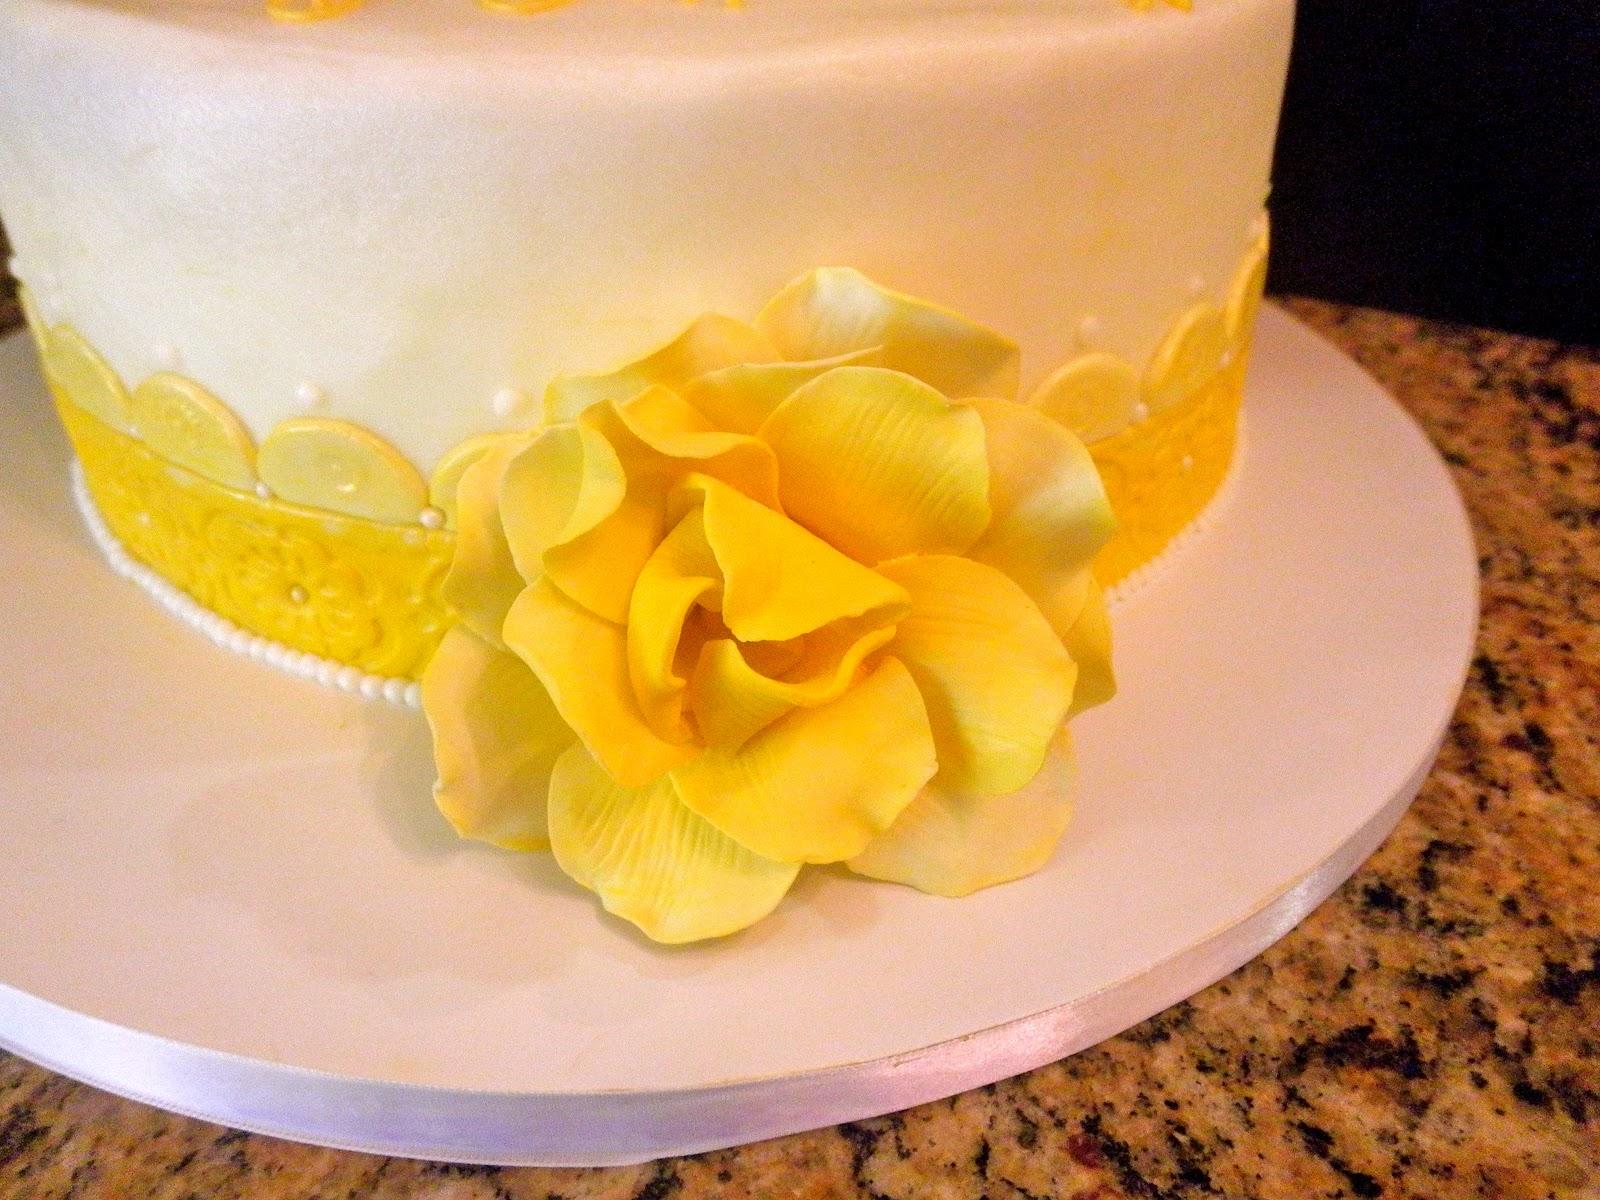 Sweet T's Cake Design: Yellow Rose Birthday Cake